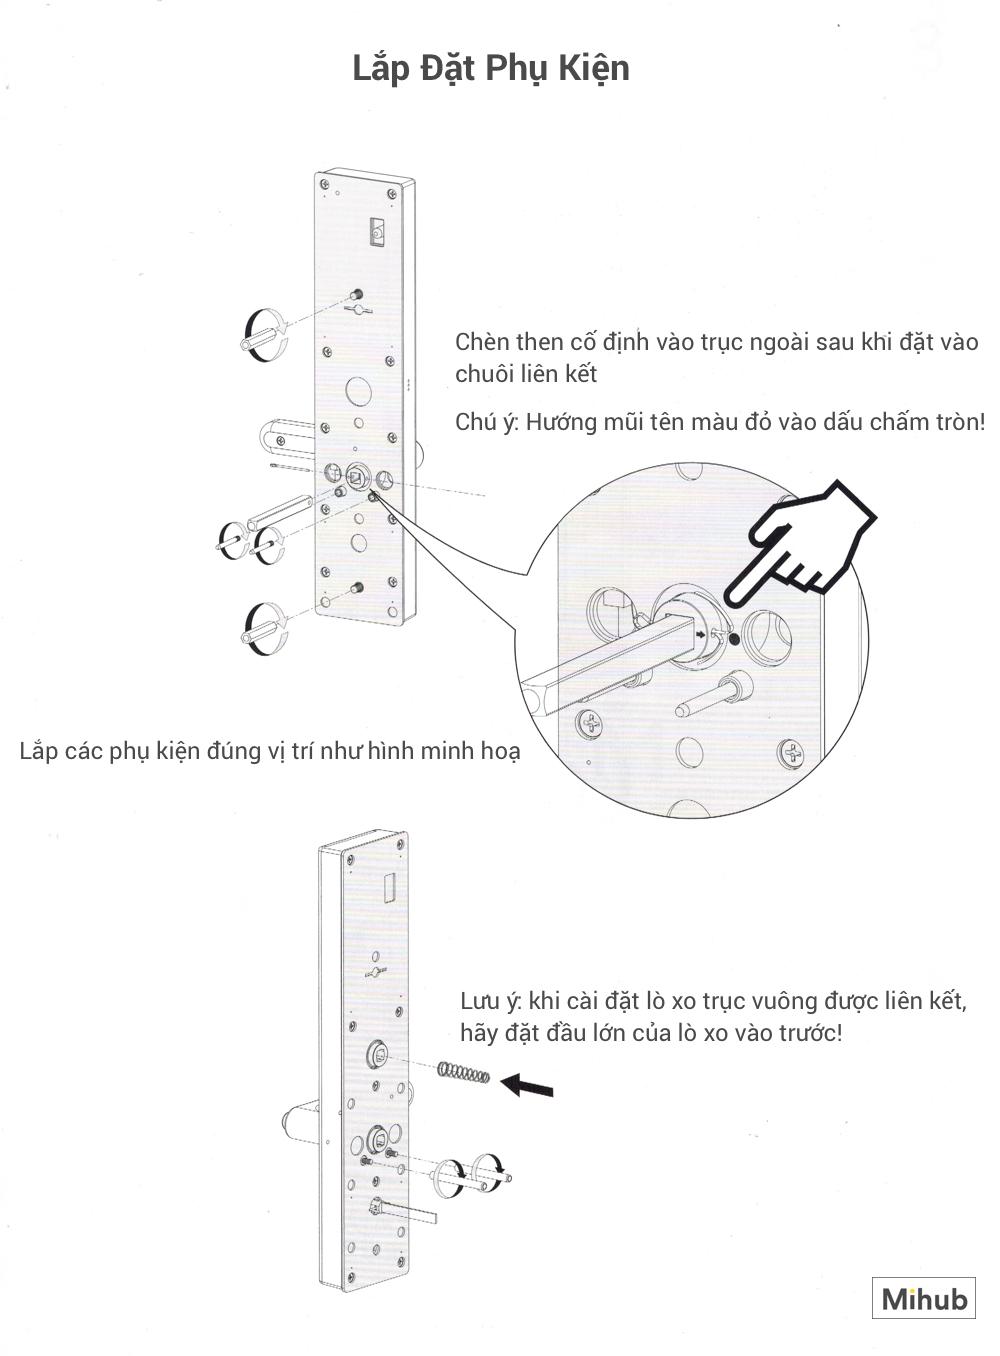 Khoá Thông Minh Xiaomi Loock Classic giá thế nào